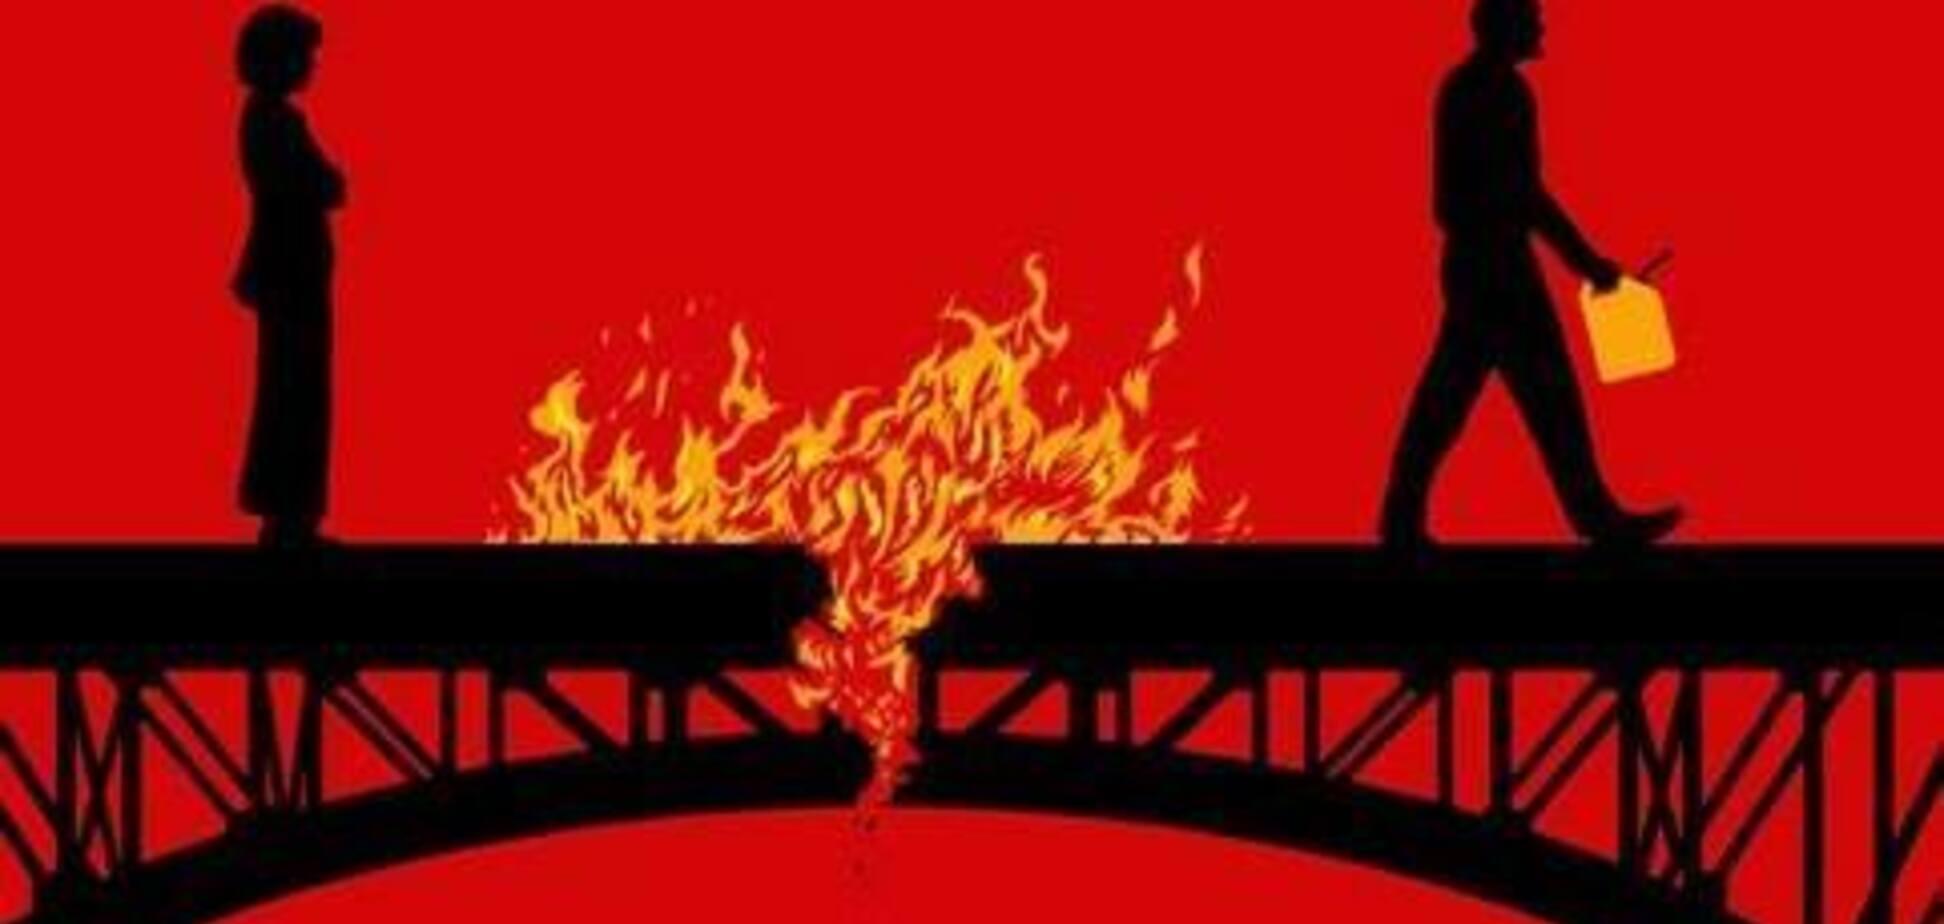 Расставание: когда стоит сжигать мосты